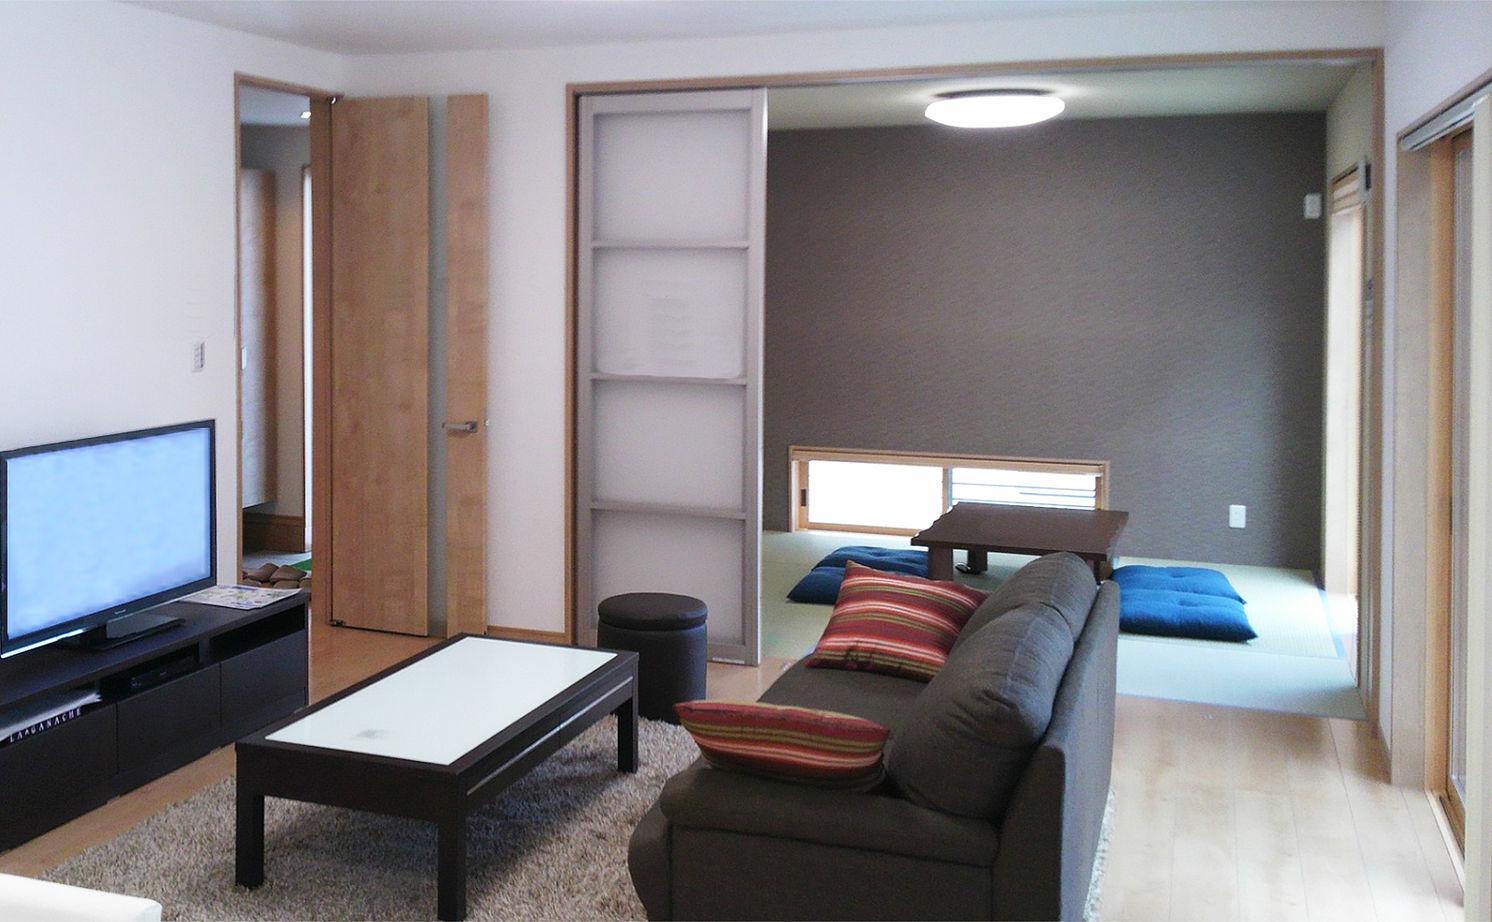 耐震等級3・省エネ等級4の構造で安心。世代を超えて快適に暮らせる長期優良住宅画像2